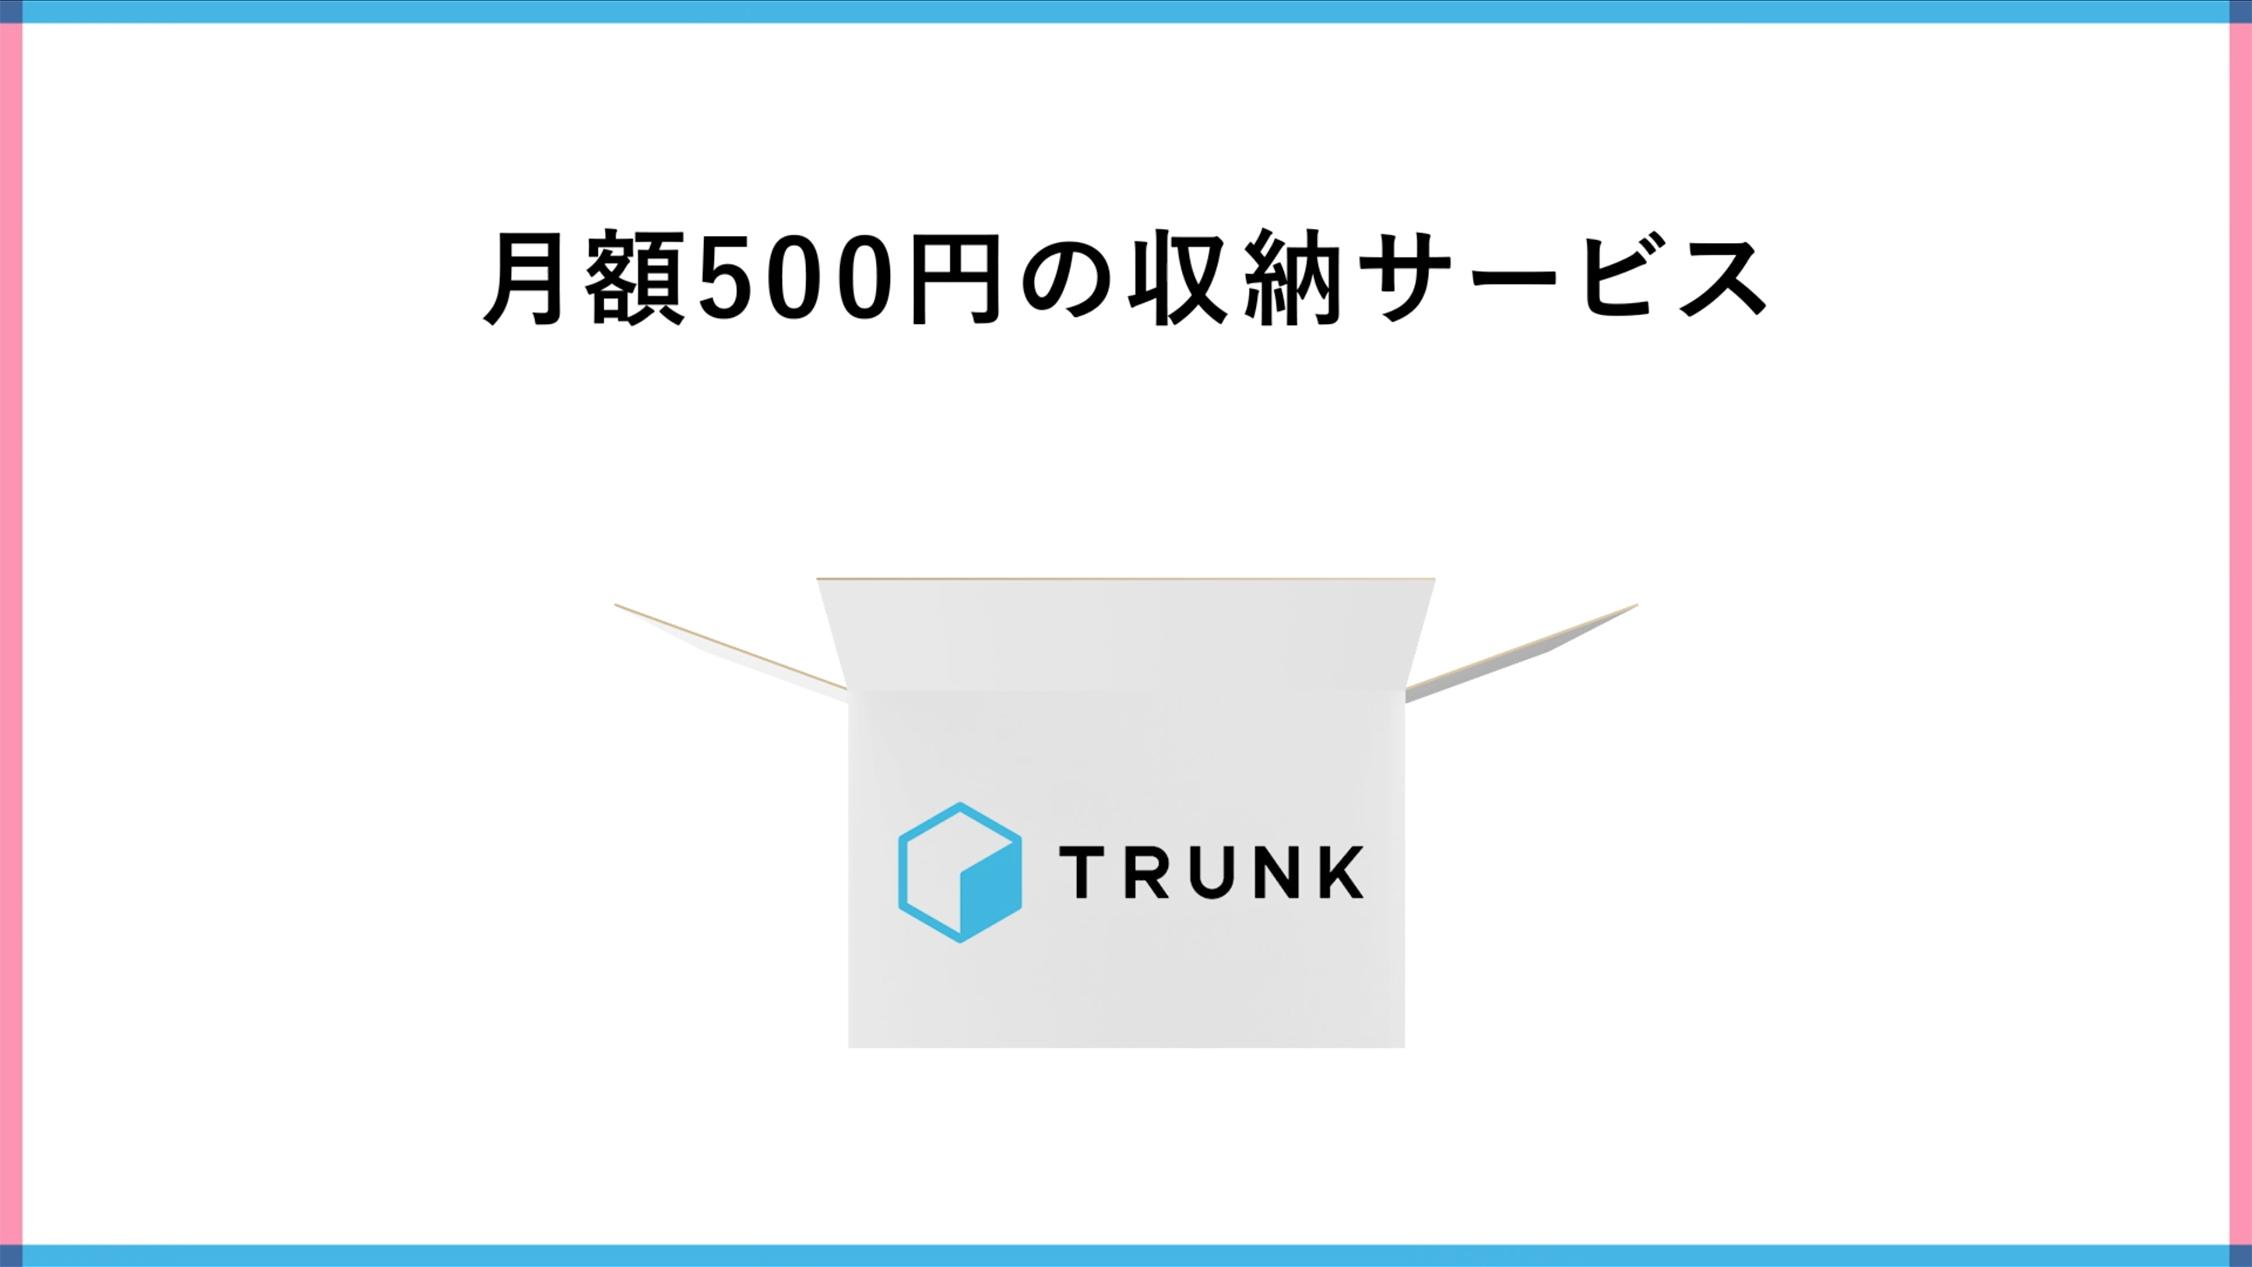 TYME/TRUNK-Image-2